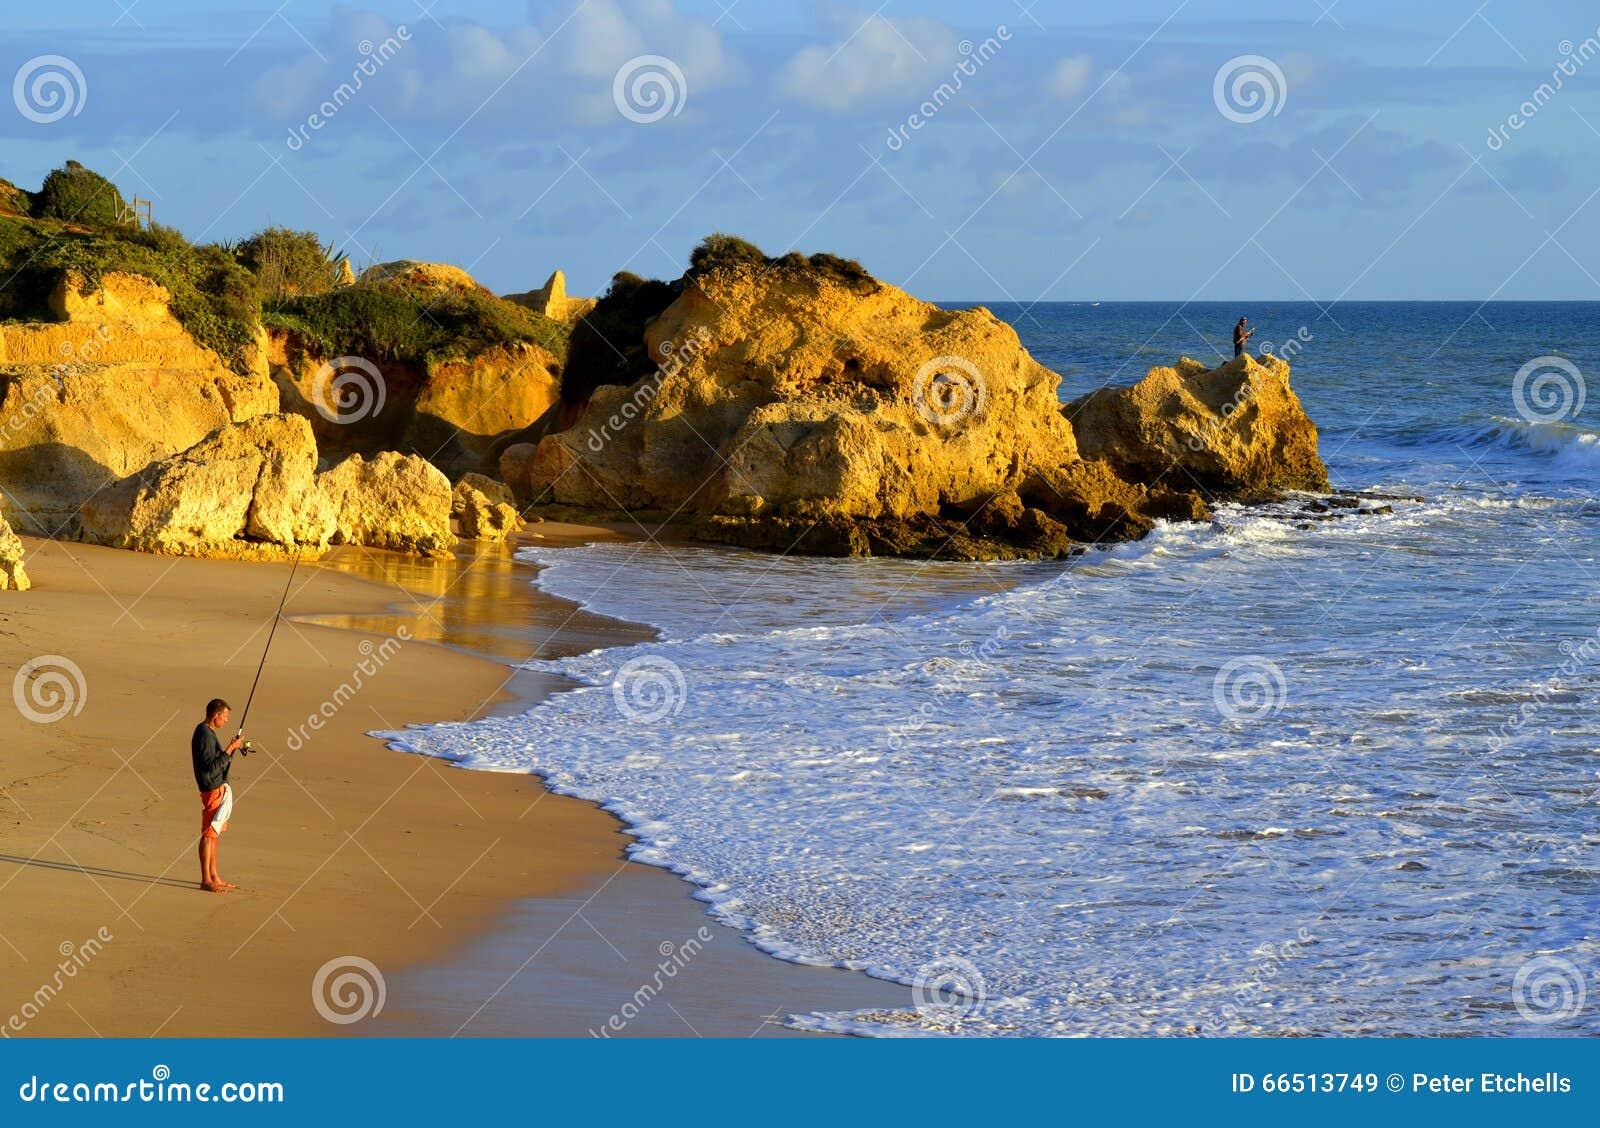 die m nner die von sietskes fischen setzen auf der algarve k ste auf den strand stockfoto. Black Bedroom Furniture Sets. Home Design Ideas